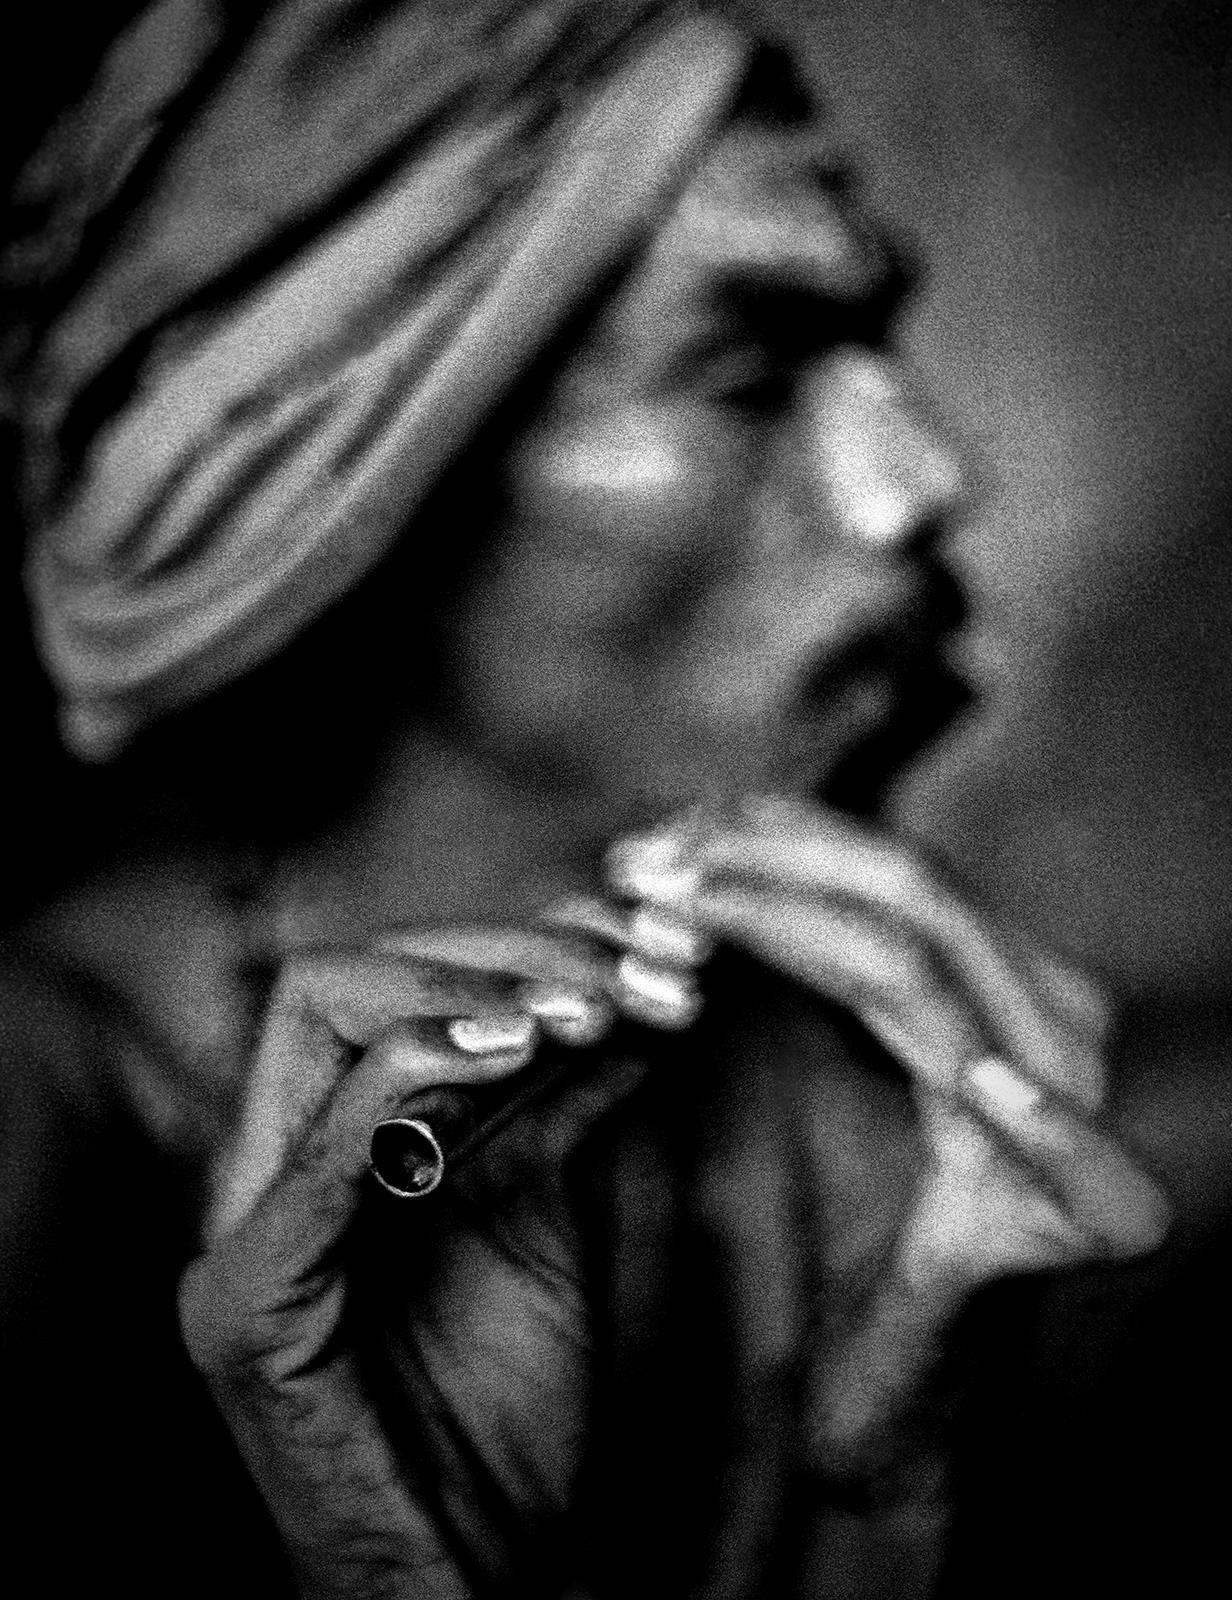 © Robi Chakraborty